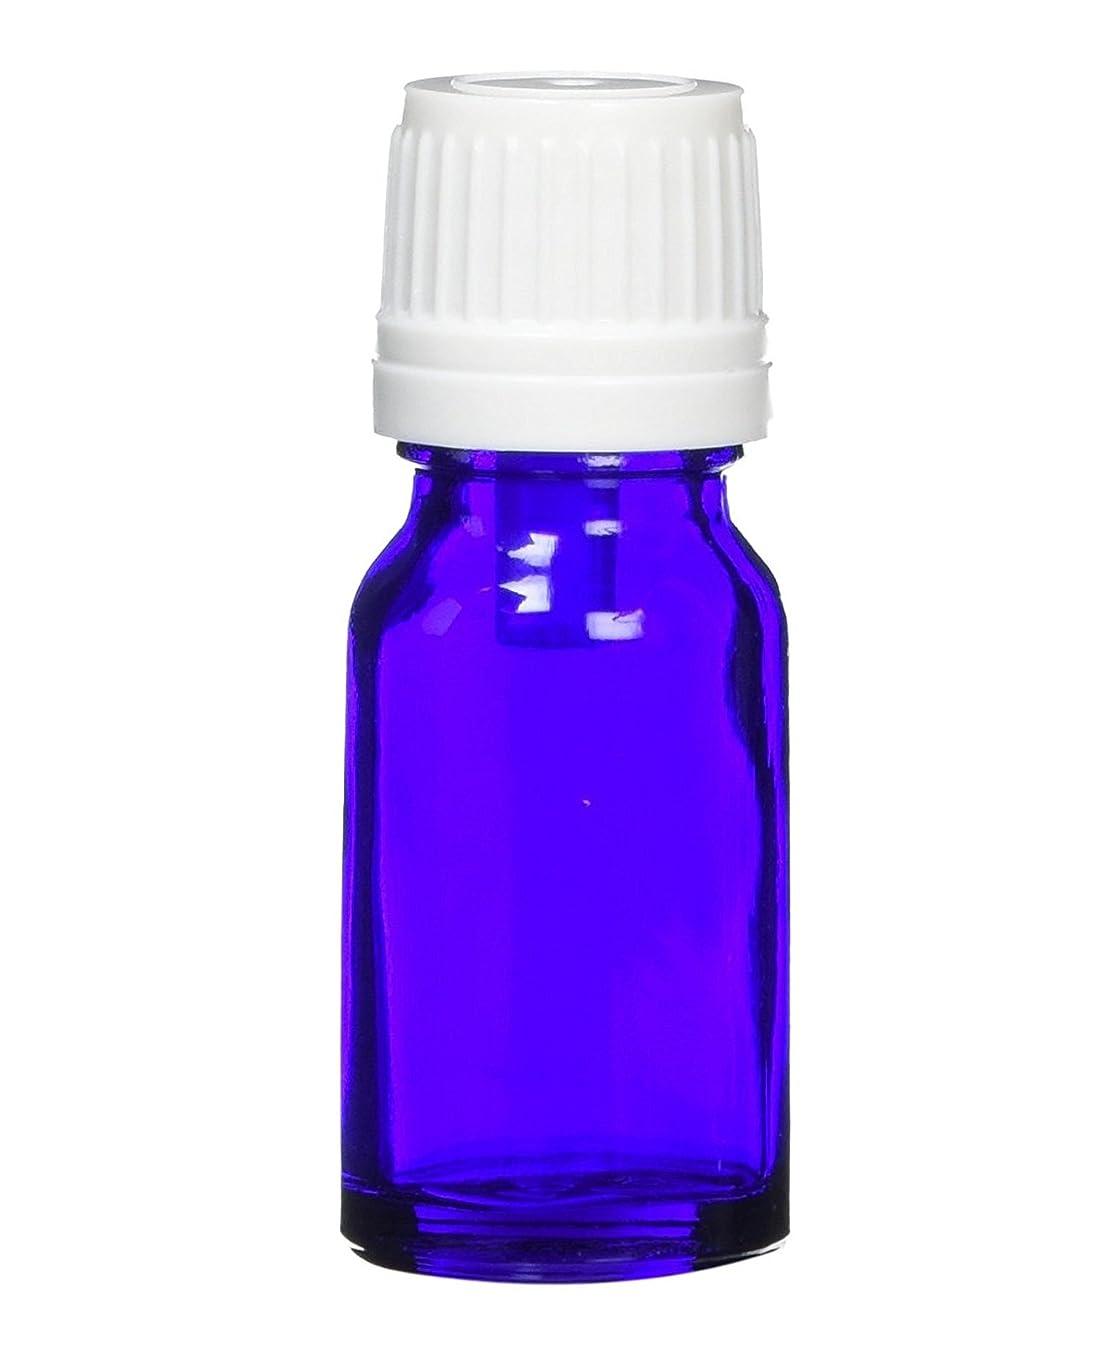 ピニオンいちゃつく含意ease 遮光ビン ブルー (高粘度用) 10ml ×5本 (国内メーカー)